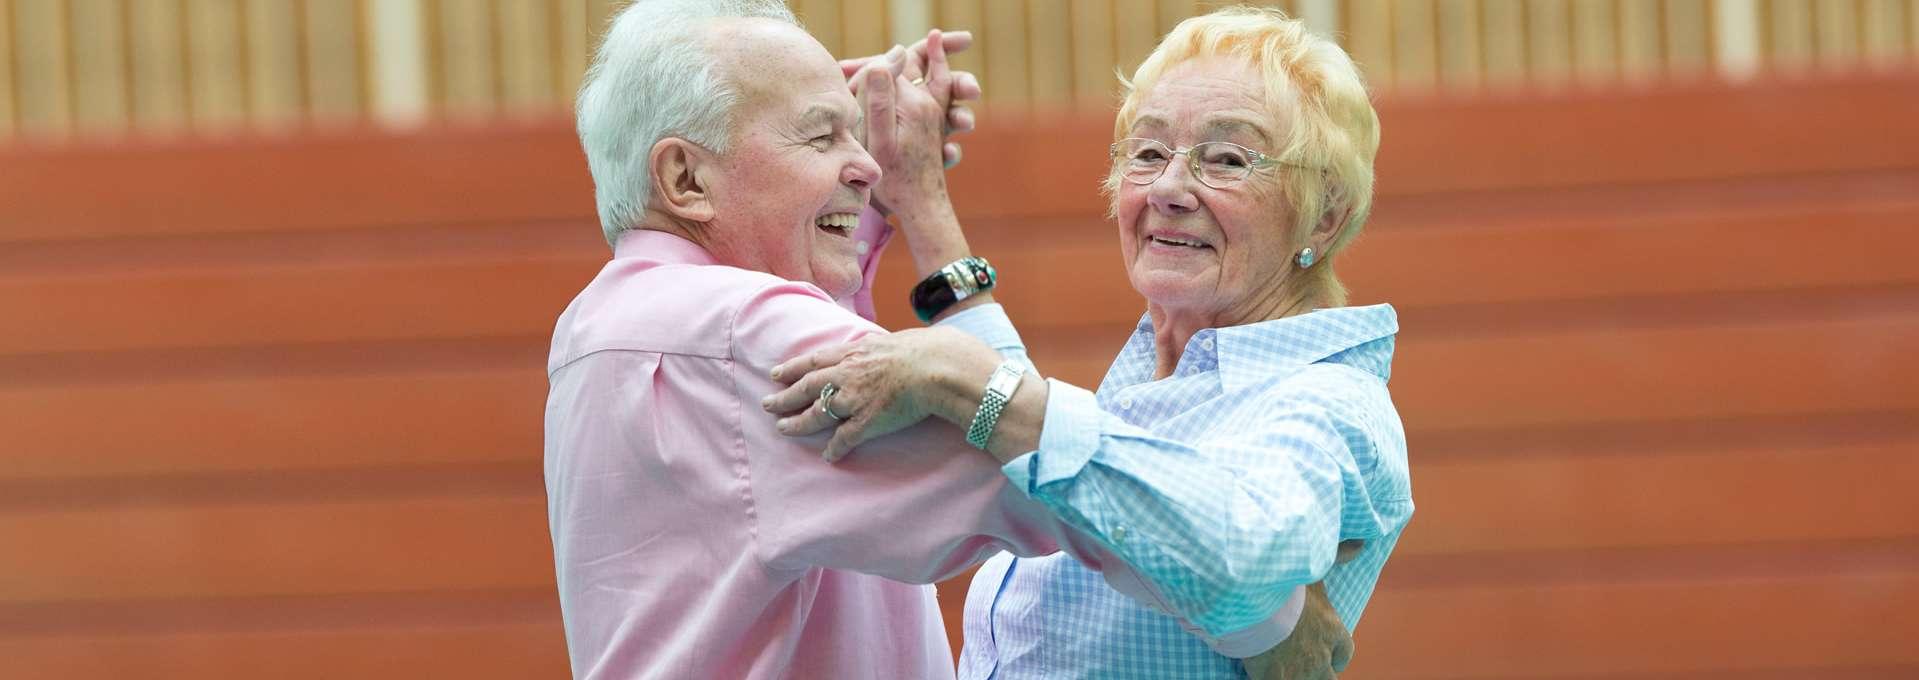 Headerbild Bewegt ÄLTER werden in NRW! Seniorentanzpaar